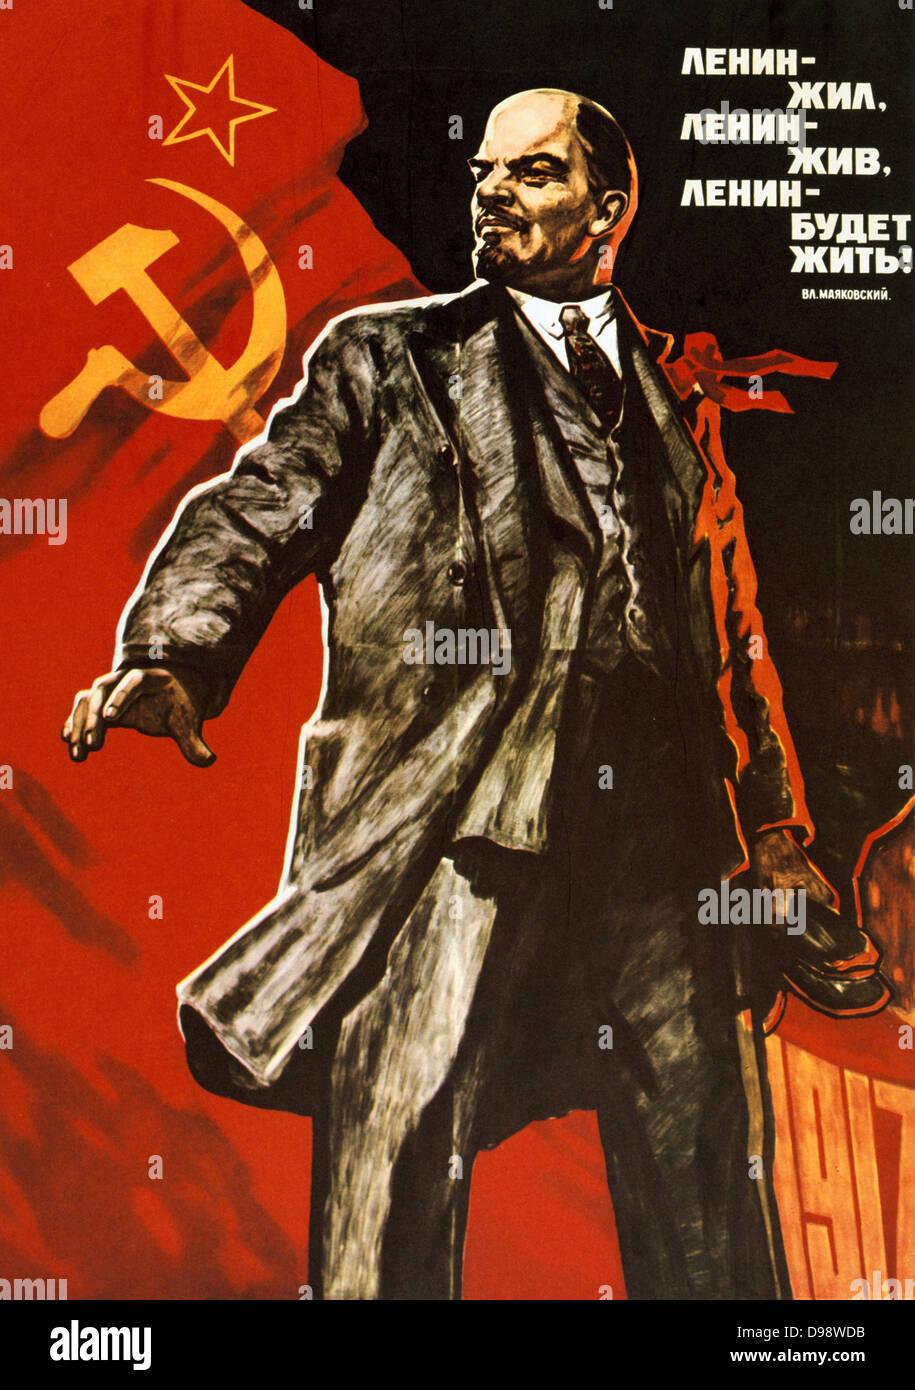 an essay on vladimir lenin and the soviet union